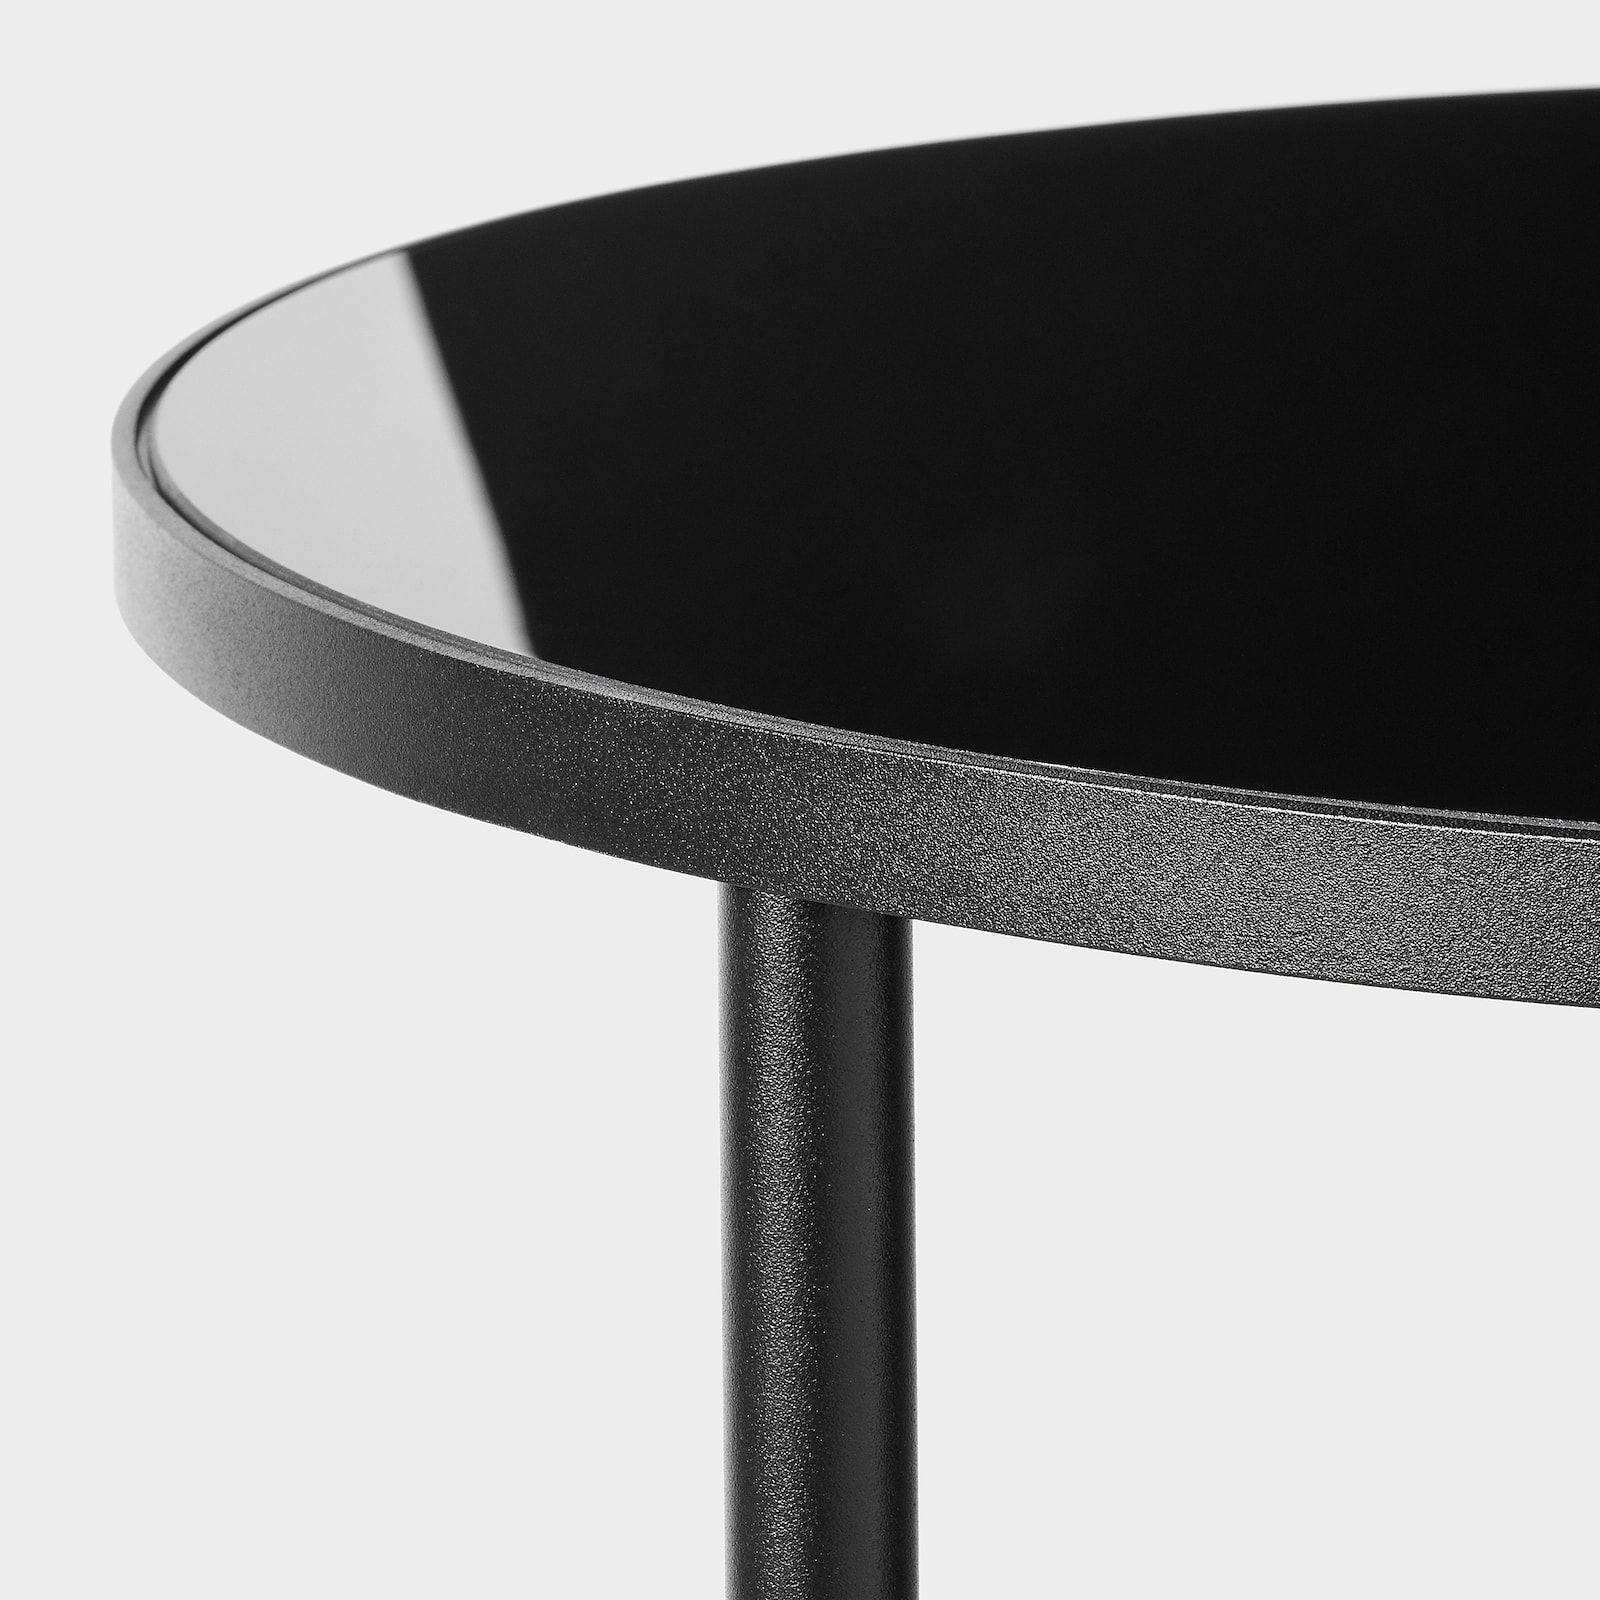 Asperod Side Table Black Glass Black 173 4 Ikea In 2021 Black Glass Side Table Black Glass Black Side Table [ 1600 x 1600 Pixel ]